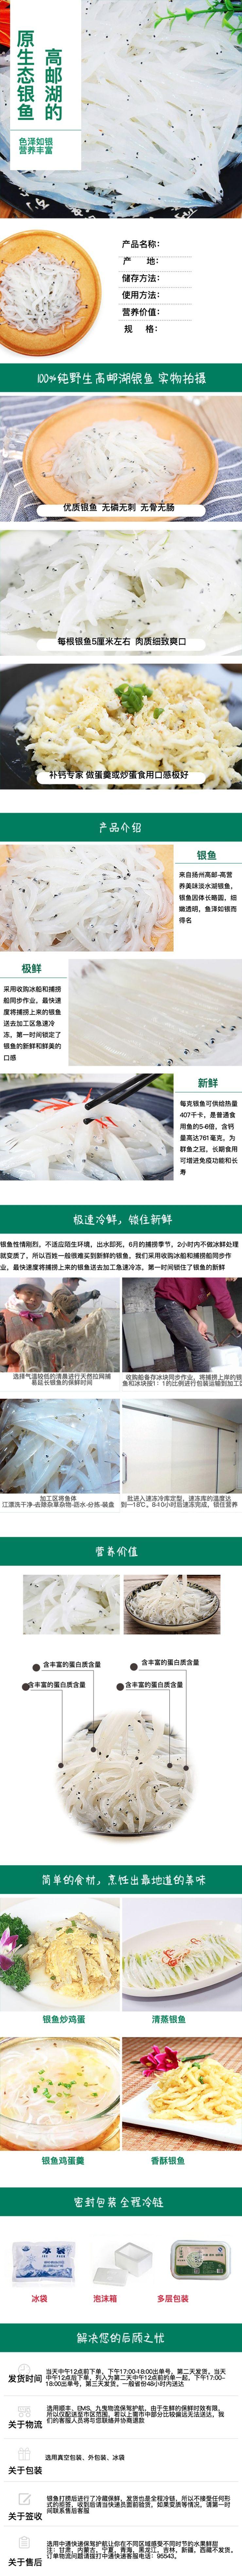 清新简约新鲜银鱼海鲜电商详情图